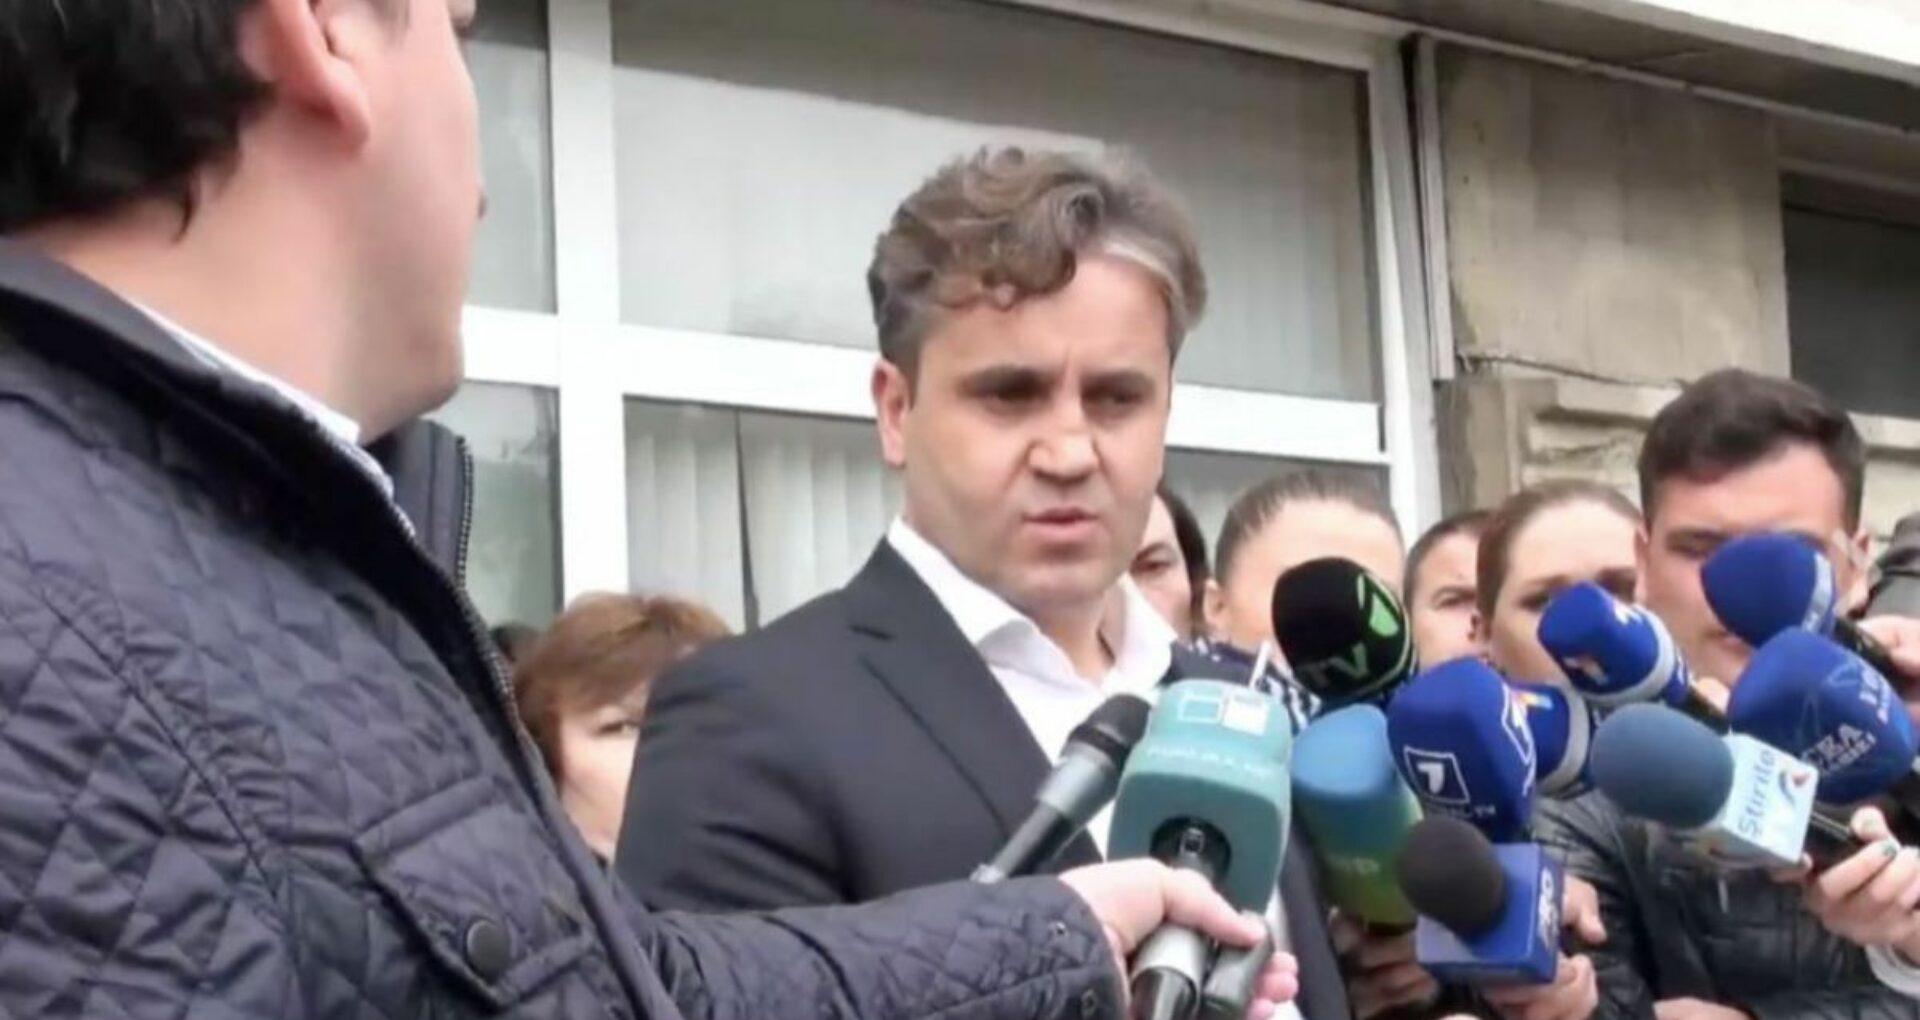 Judecătoria Buiucani a emis mandat de arest de 30 de zile pe numele lui Vlad Filat. Avocații vor contesta decizia  la CA